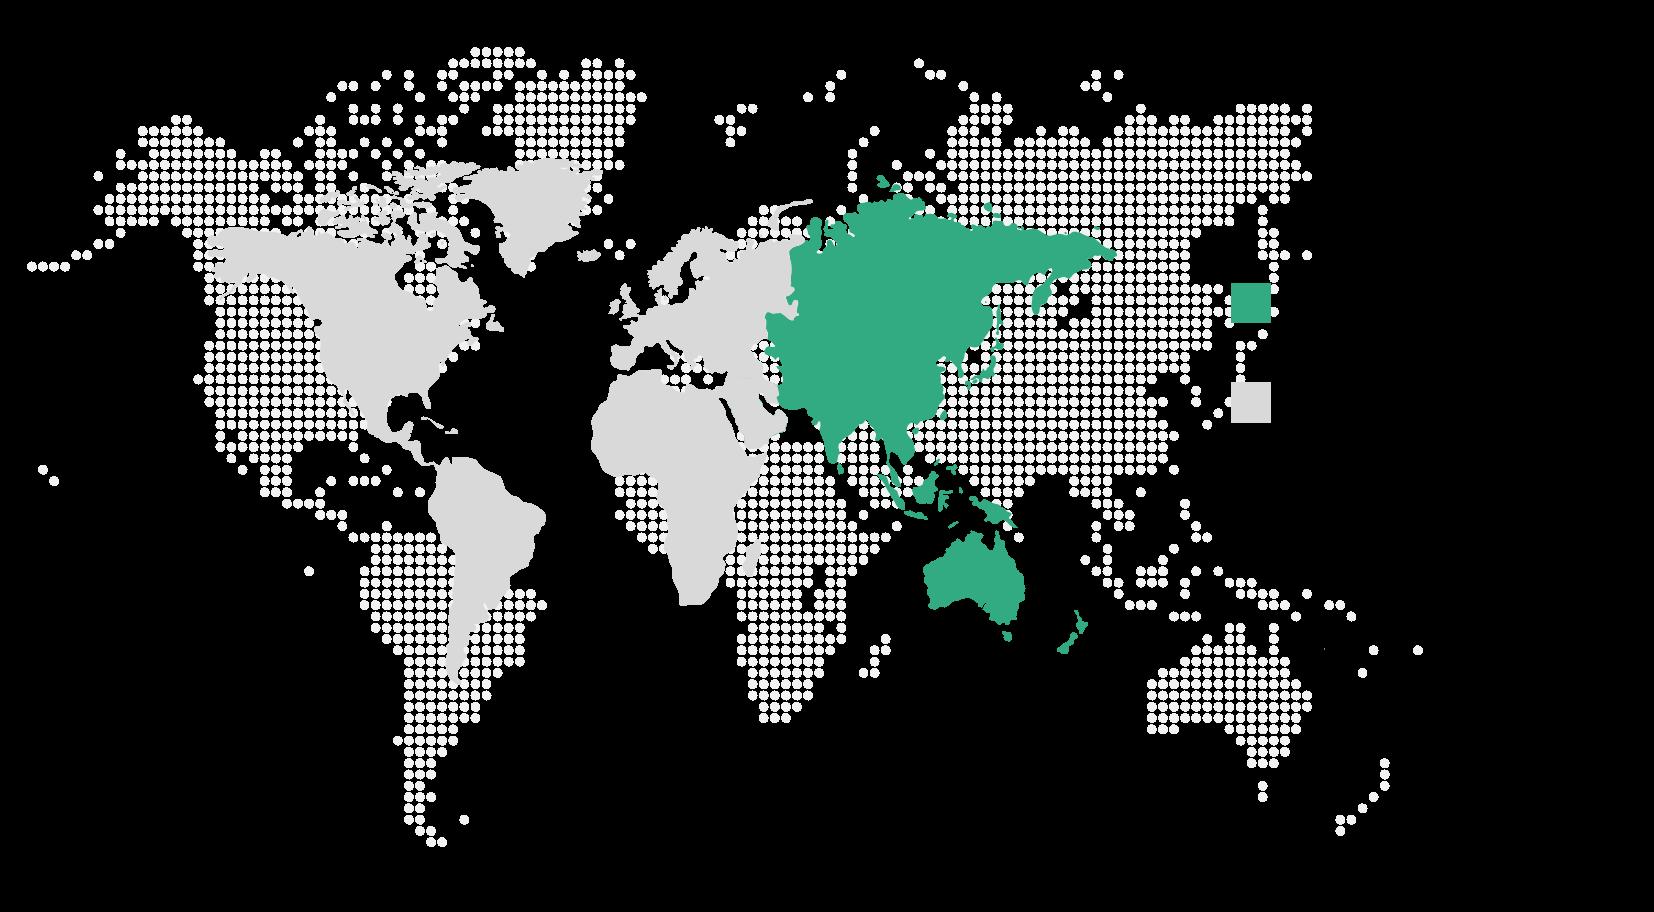 slot-machine-market-share-by-region